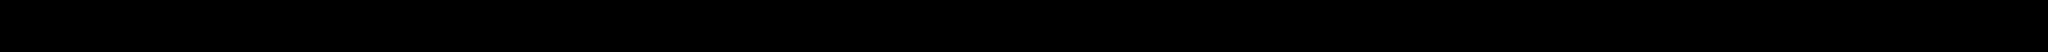 BOSCH MO537, 11 42 7 805 978, 1109 AY, 1109 T3, 1109 Y2 Olejový filtr